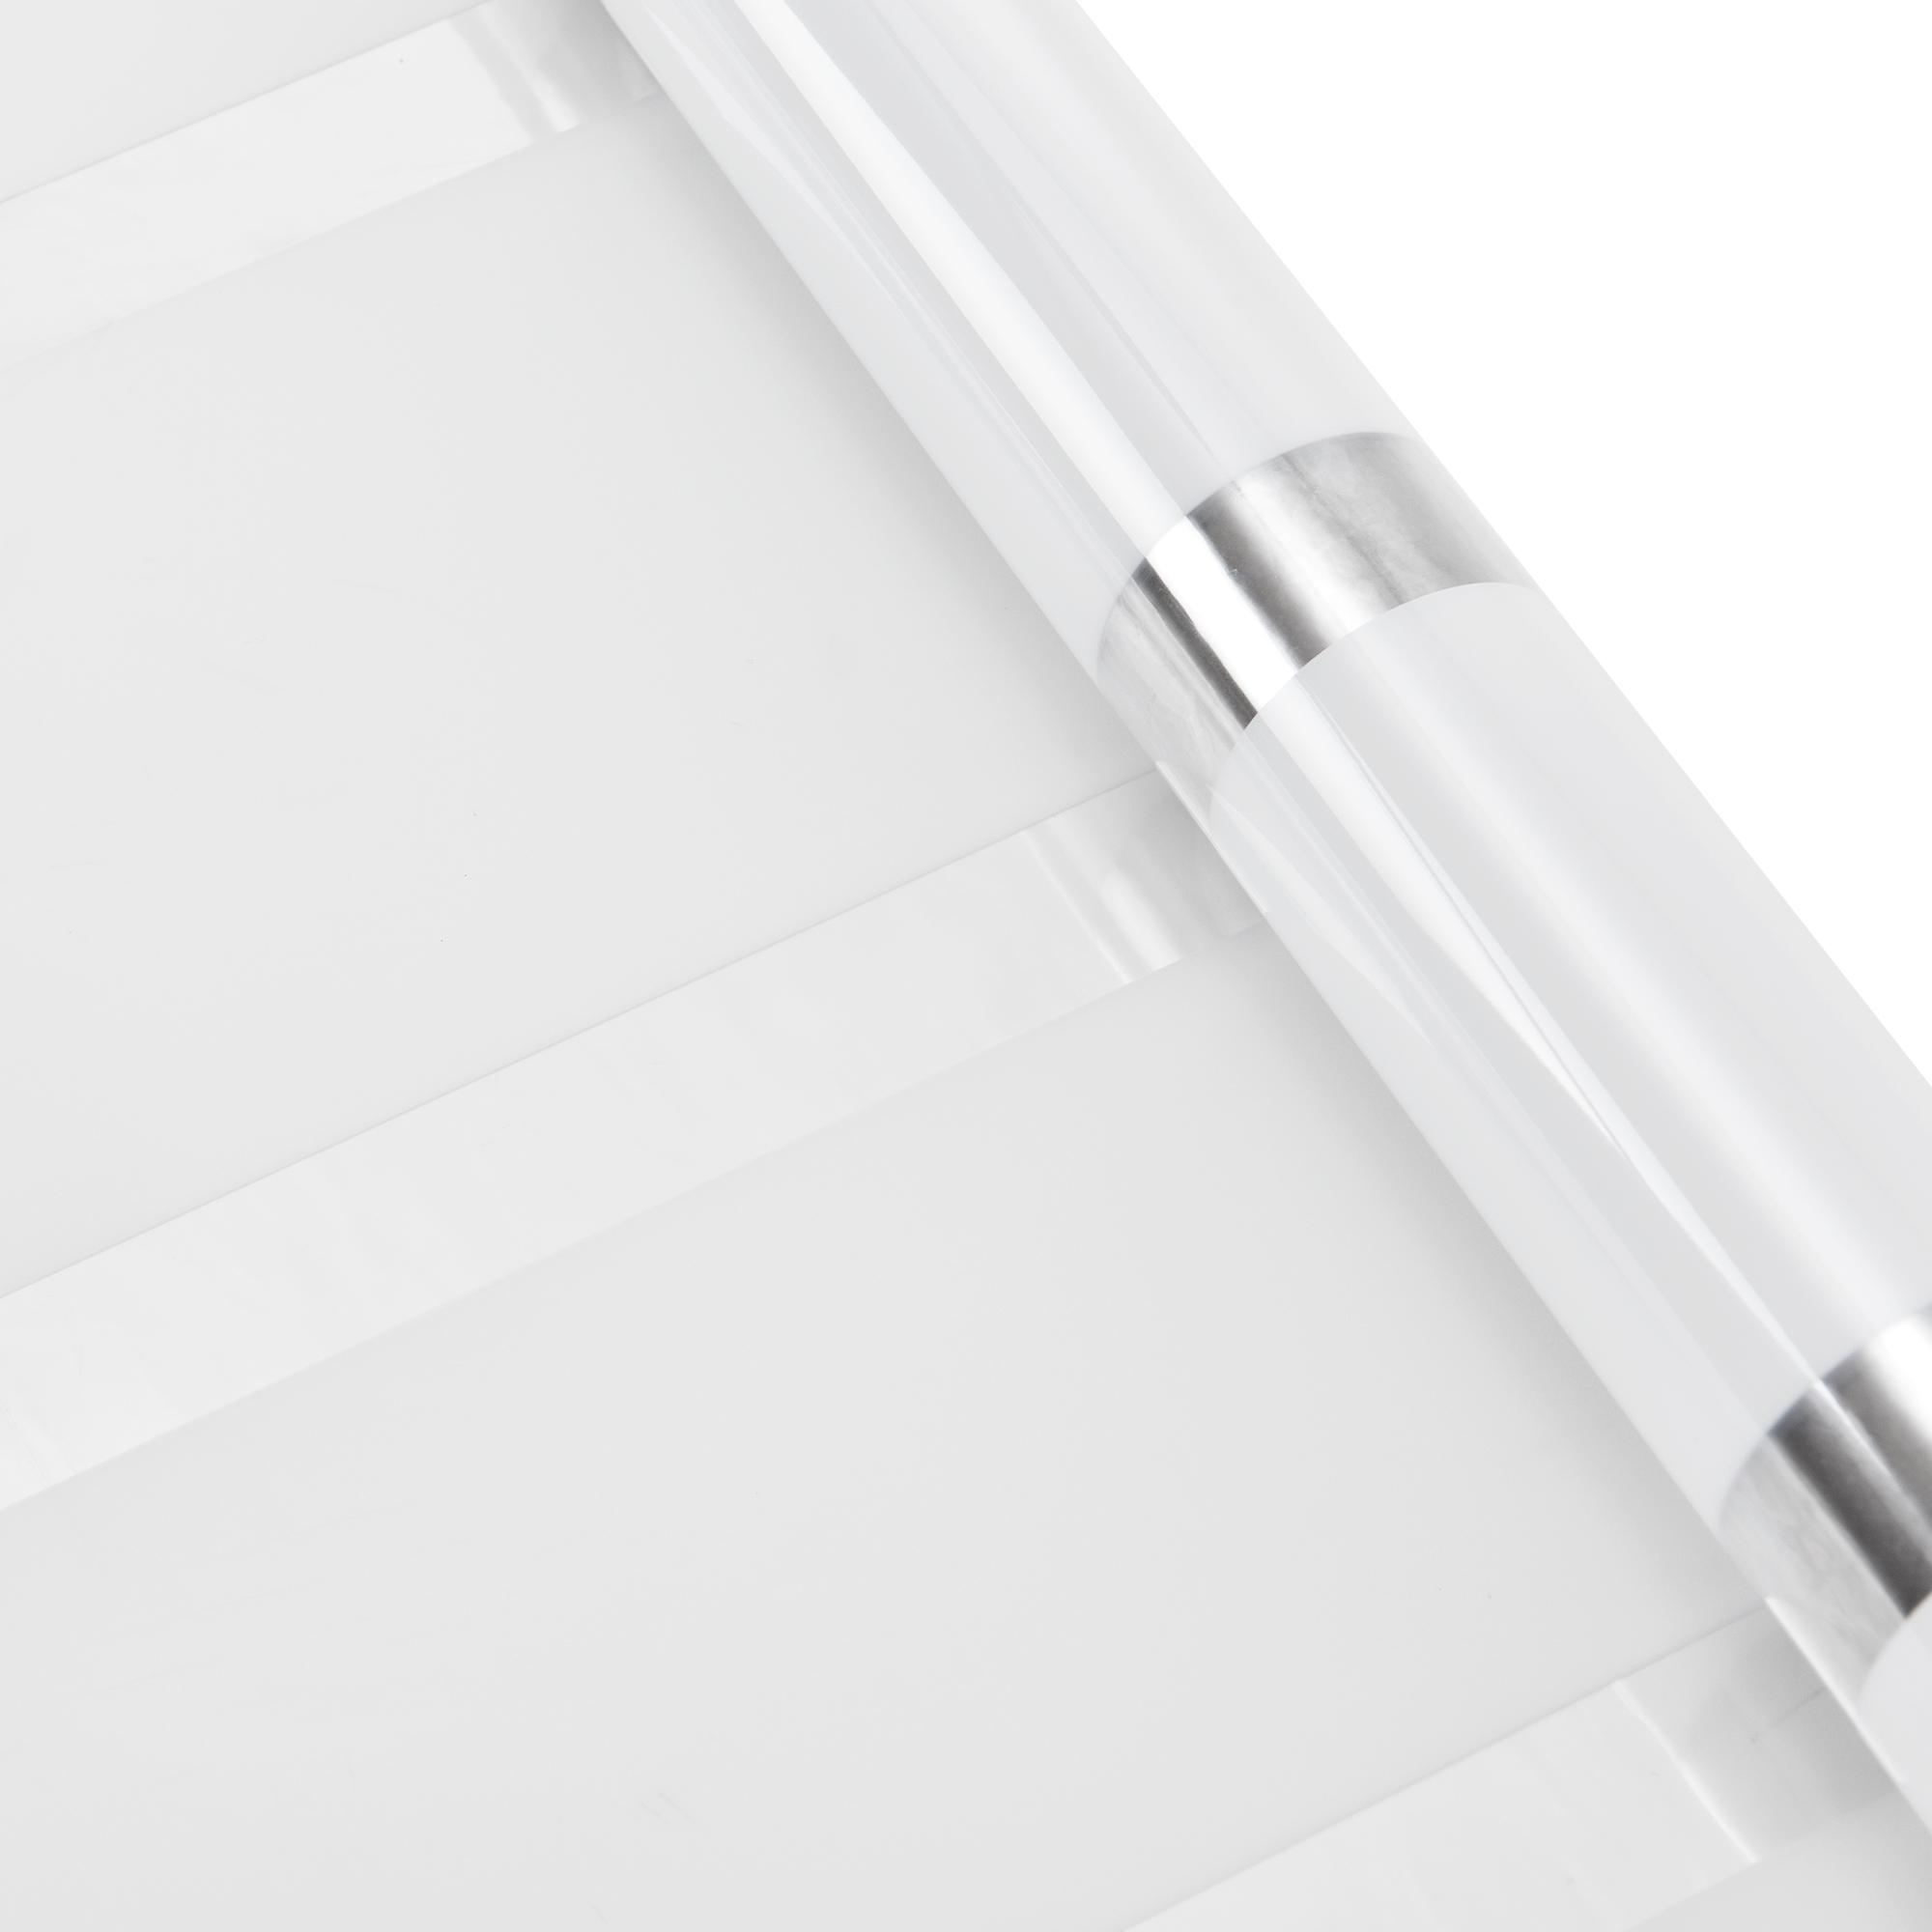 Sichtschutzfolie fensterfolie milchglas dekofolie - Fensterfolie statisch anbringen ...